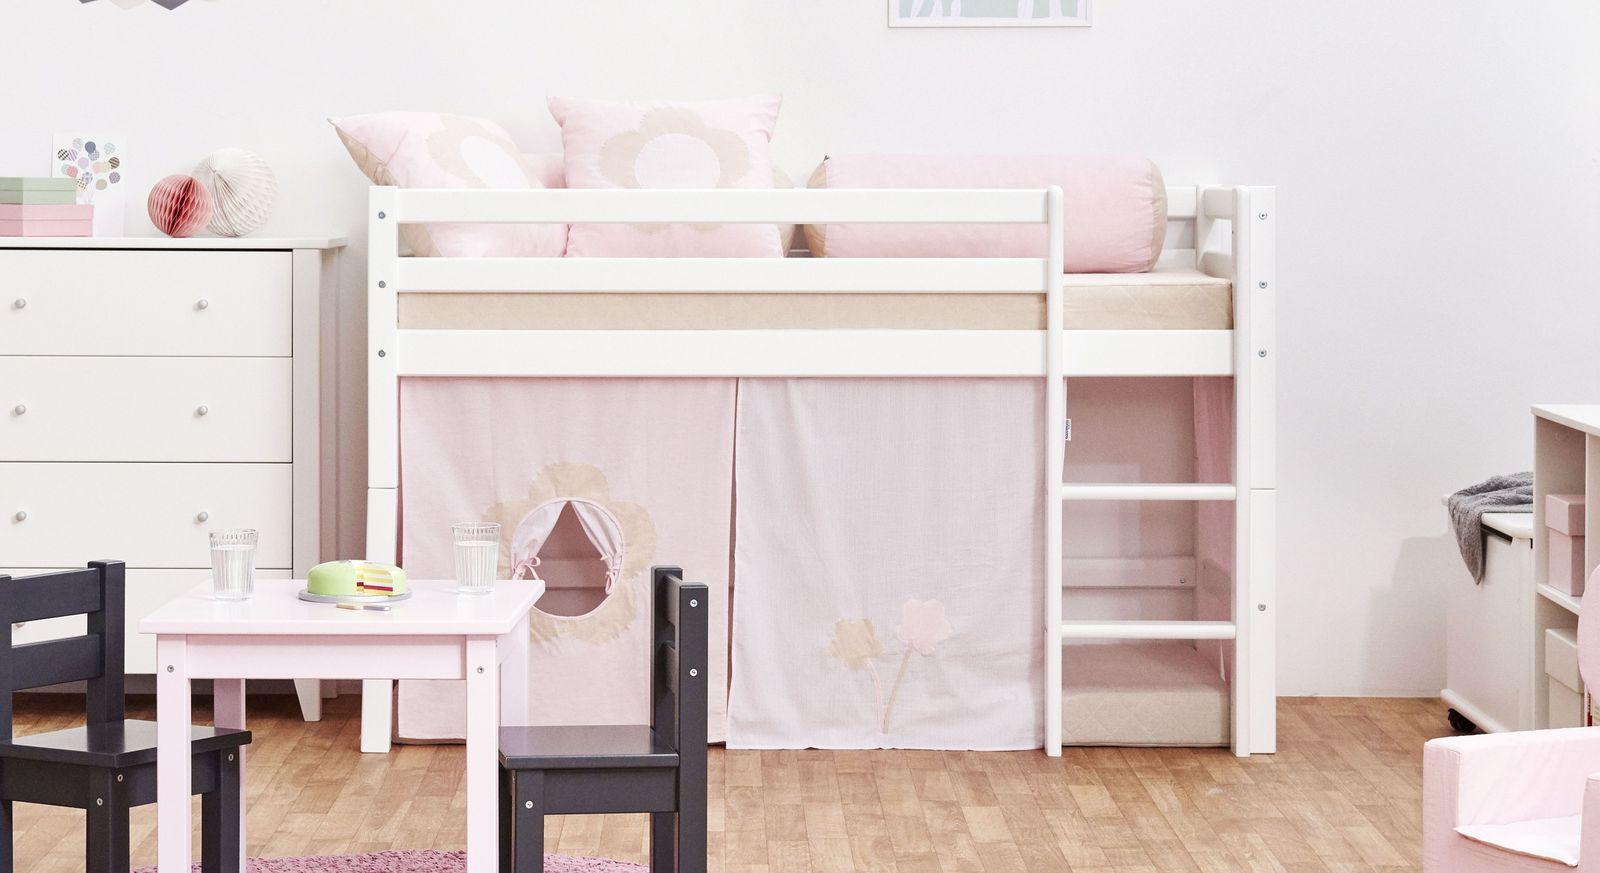 Full Size of Halbhohes Hochbett Bett Aus Massiver Kiefer In Zwei Gren Prinzessin Wohnzimmer Halbhohes Hochbett